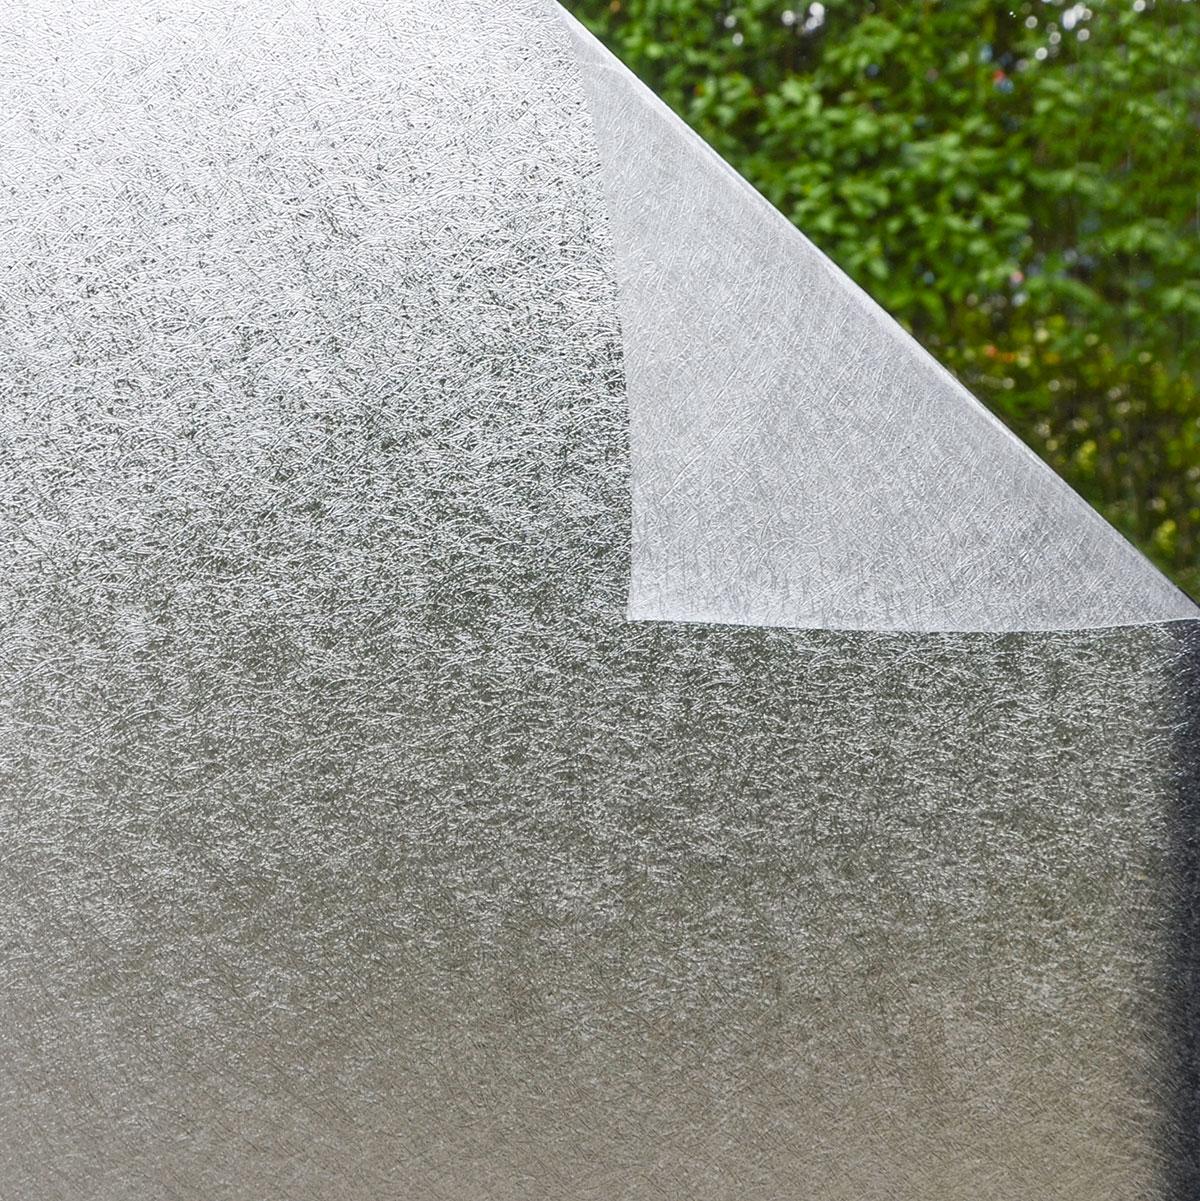 Full Size of Fenster Folie Sichtschutz Fensterfolie 90x200 Cm Milchglasfolie Blickdicht Veka Preise Maße Insektenschutz Braun Schallschutz Klebefolie Felux Polnische Mit Fenster Fenster Folie